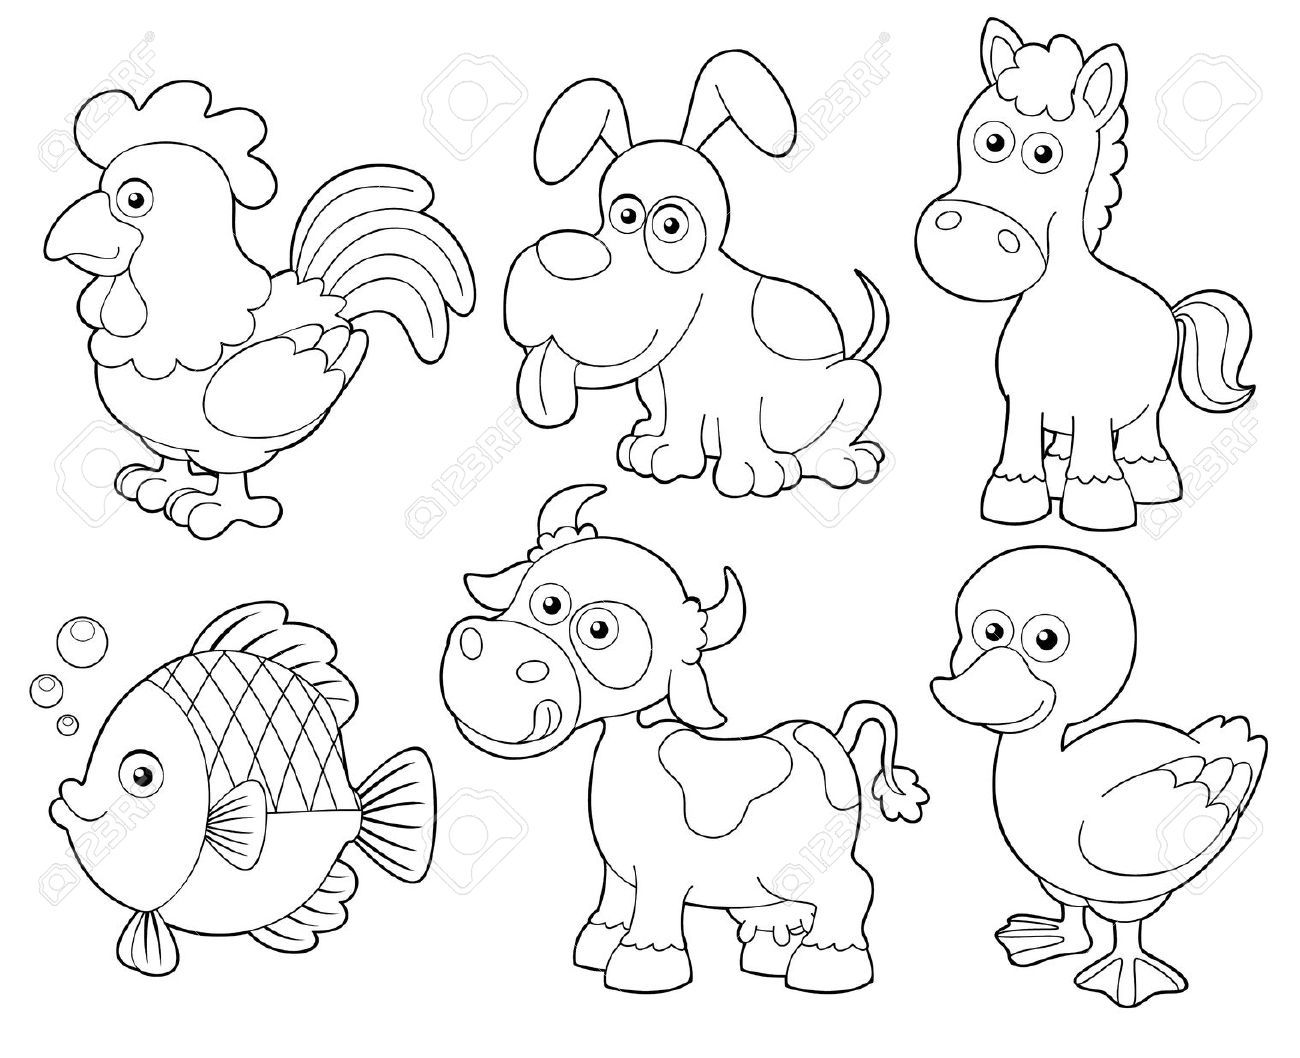 24 Animales Para Colorear Para Niños: Animales De La Granja Para Colorear - Buscar Con Google